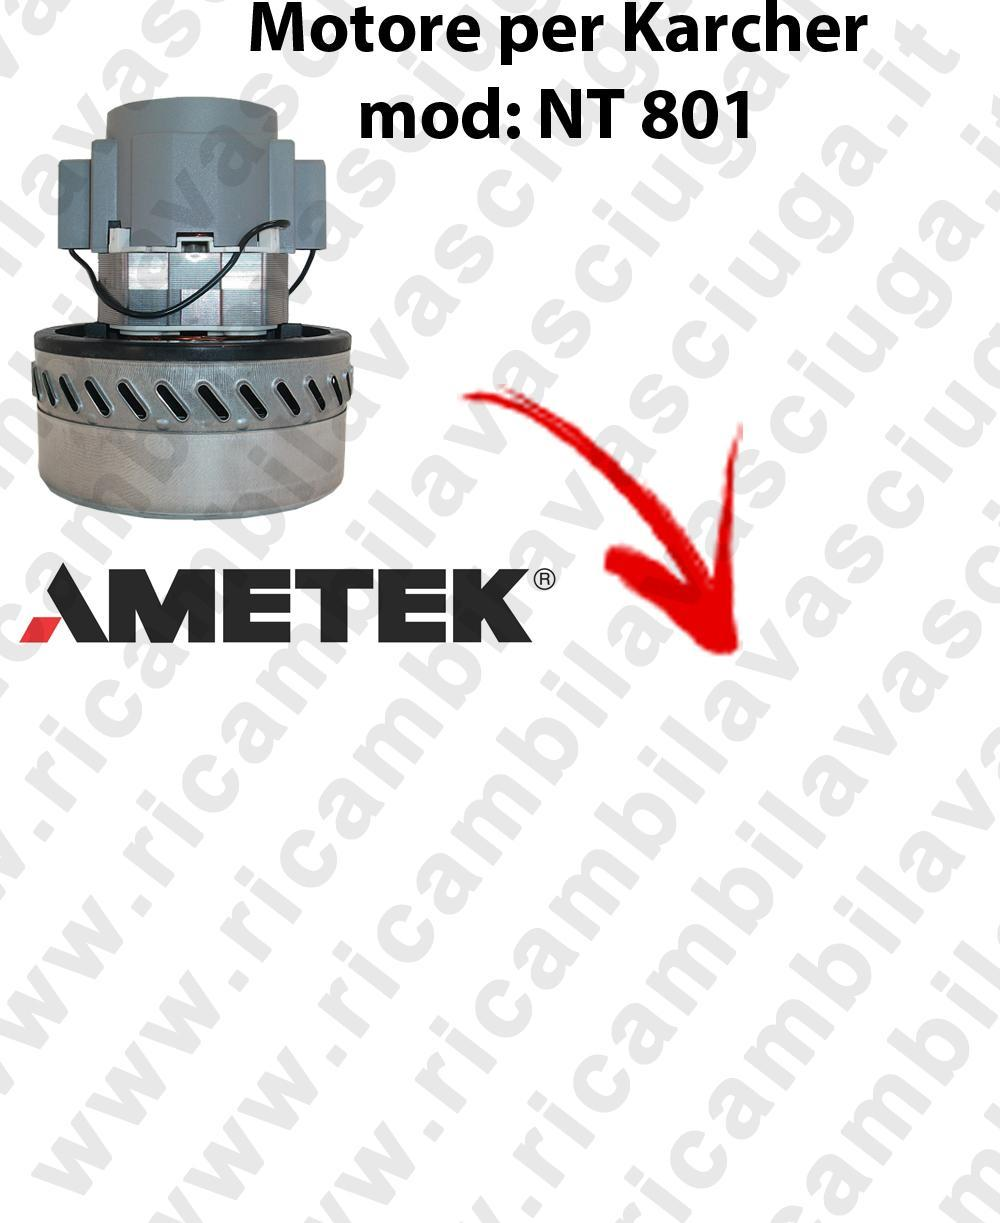 NT801 Motore de aspiración AMETEK para aspiradora KARCHER